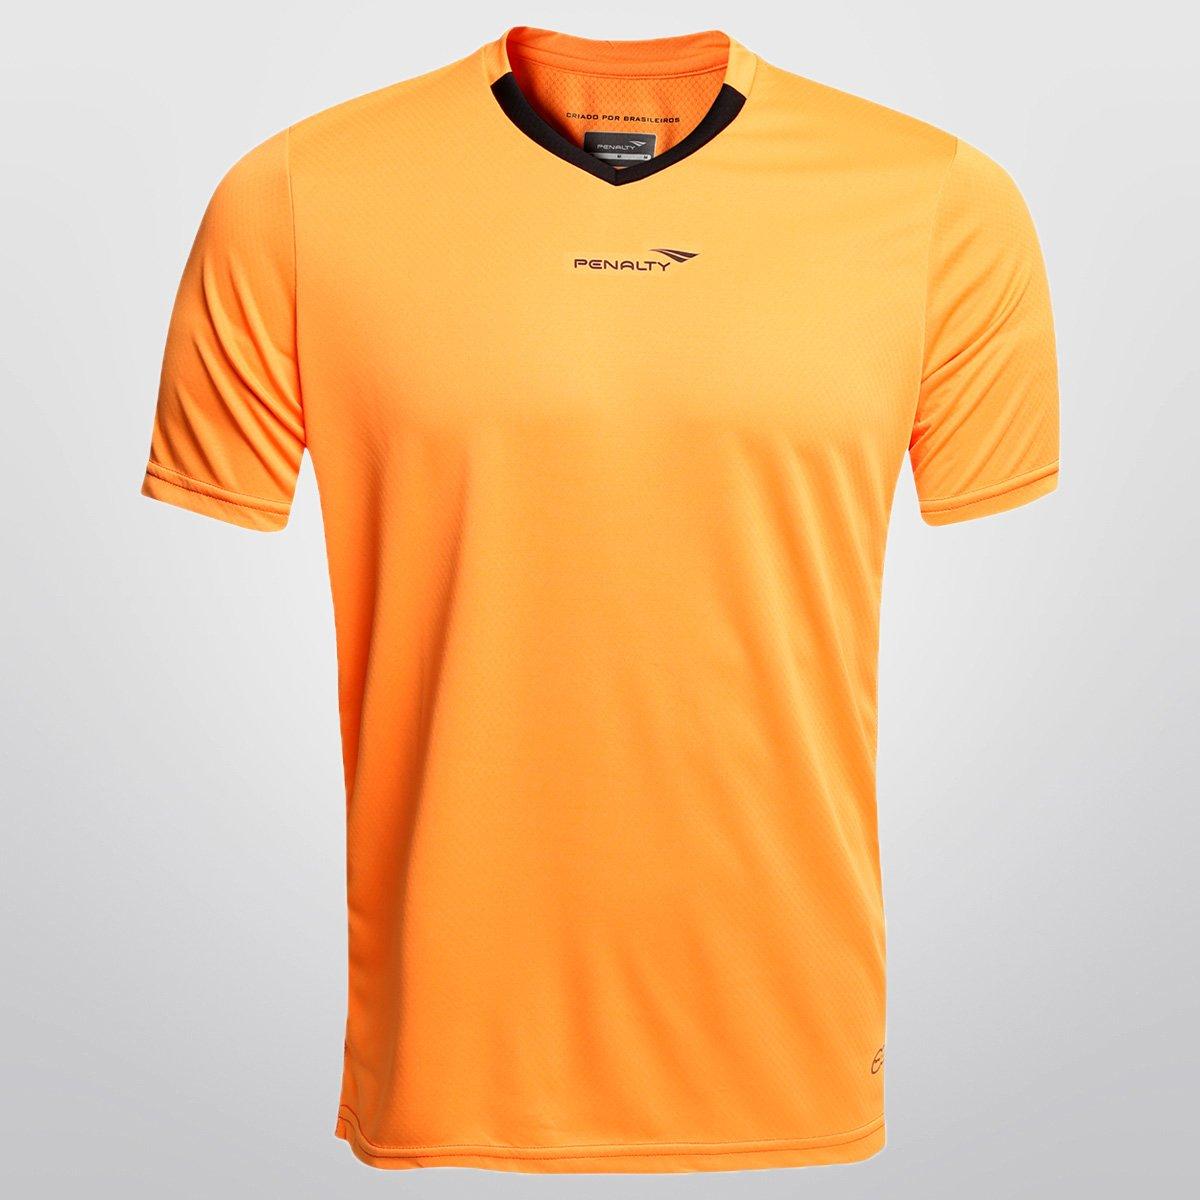 Camisa Penalty - Compre Agora  9afe16b674cc9